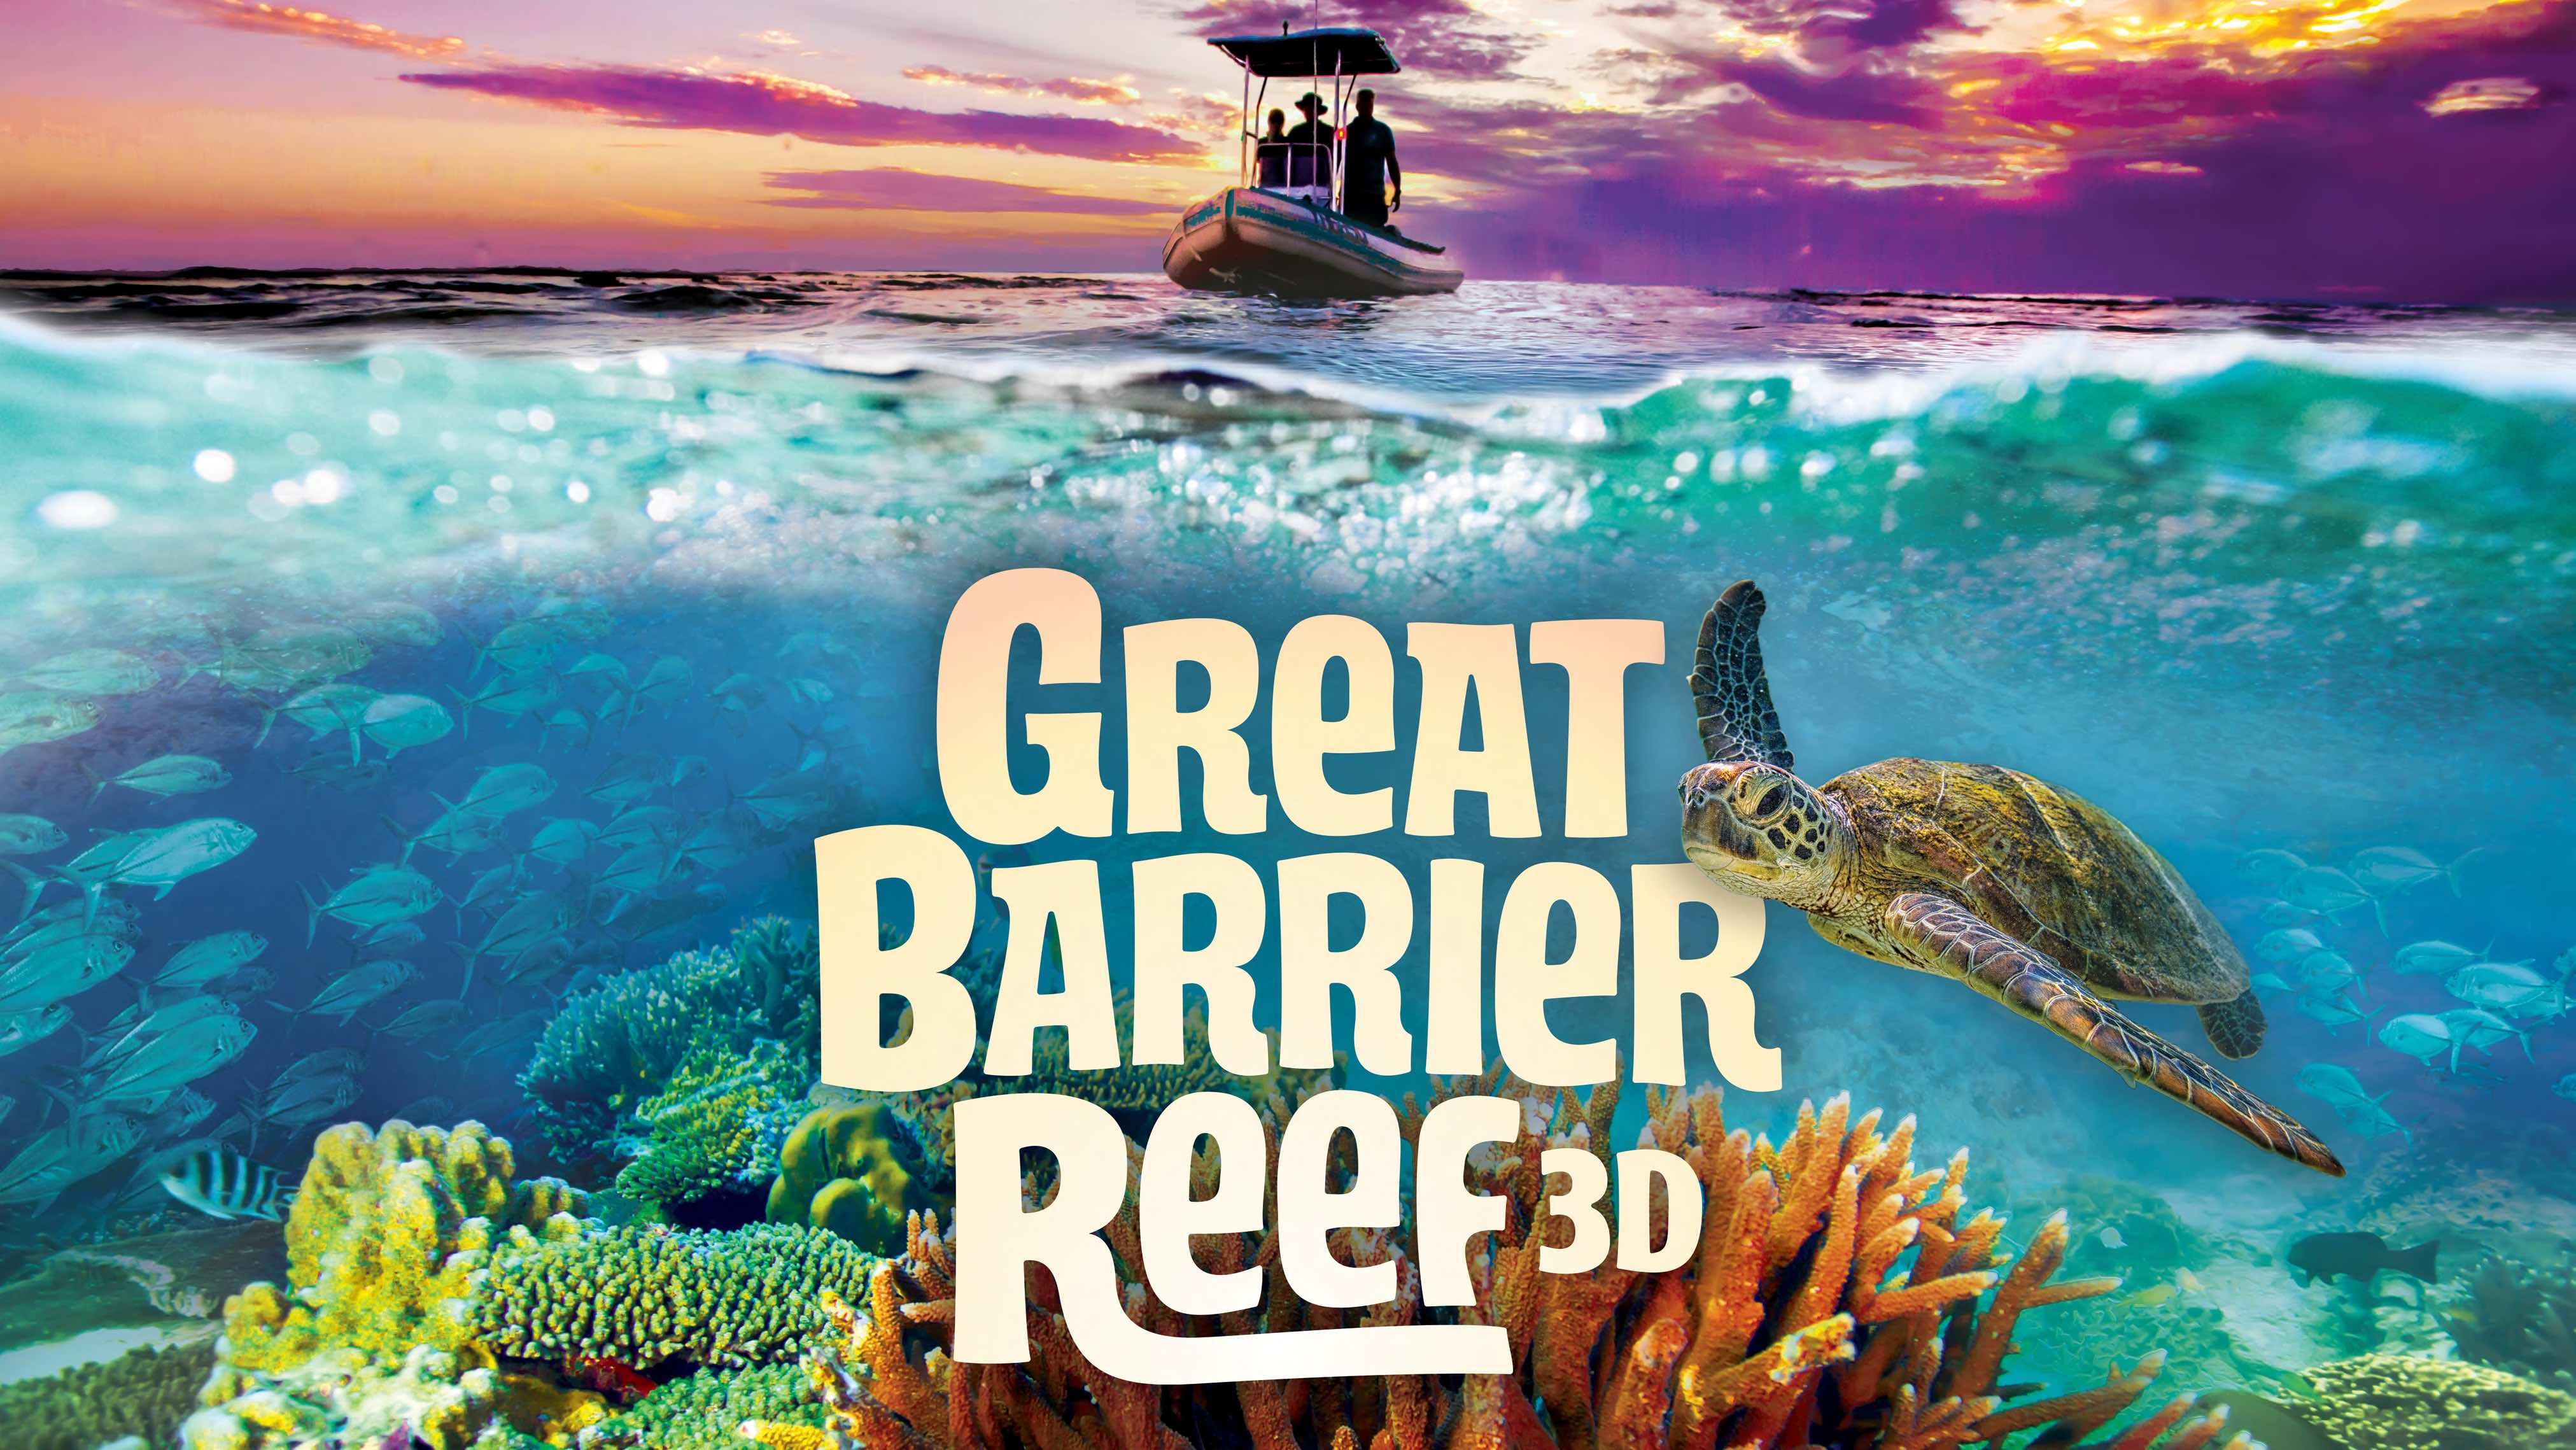 schoonheid korting te koop kortingen aanbieden Great Barrier Reef 3D IMAX Film Production Premieres in San ...